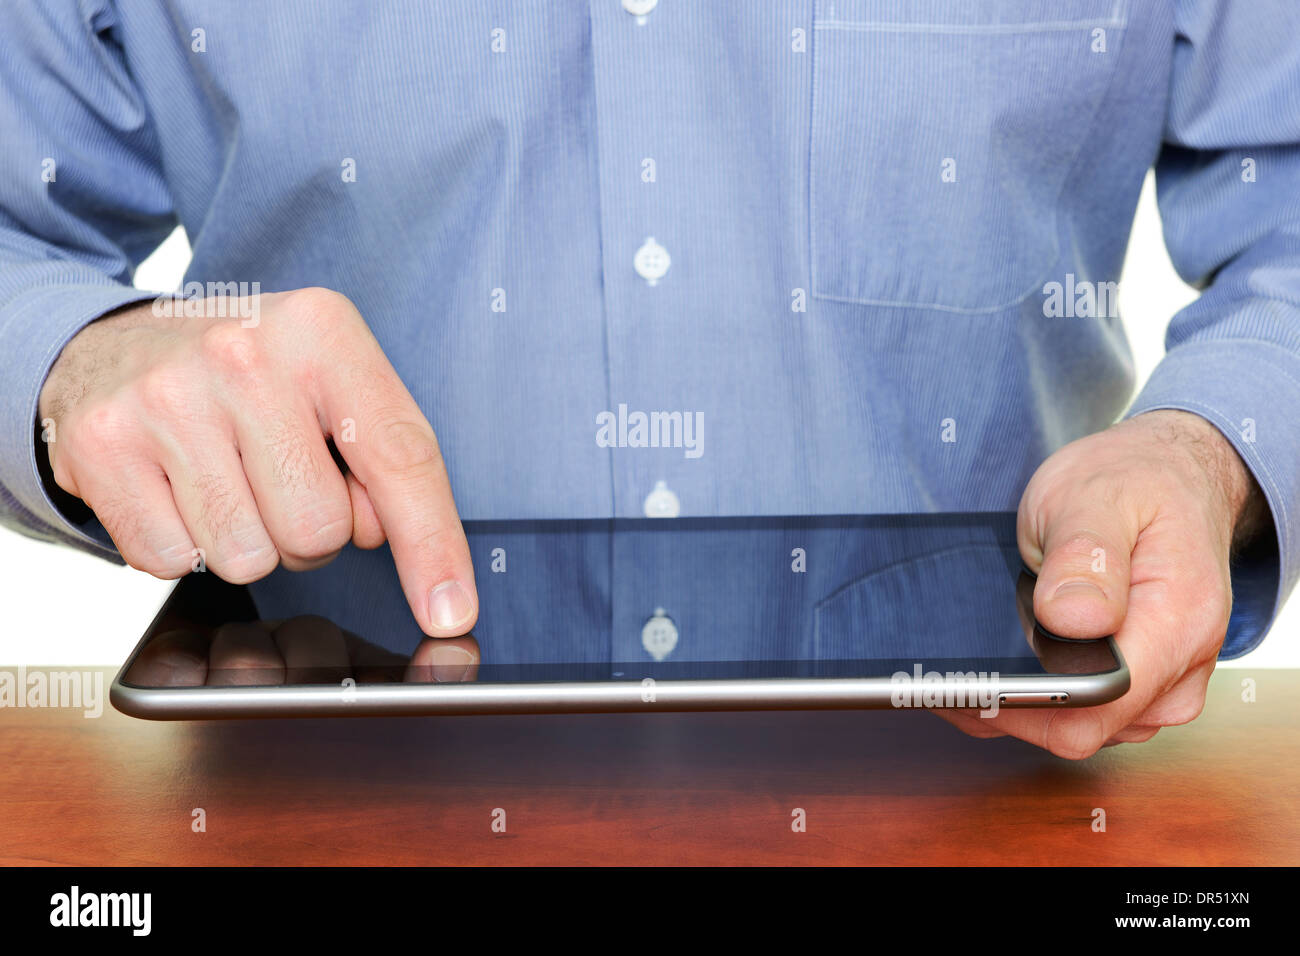 L'homme à l'aide d'un ordinateur tablette, Close Up. Banque D'Images